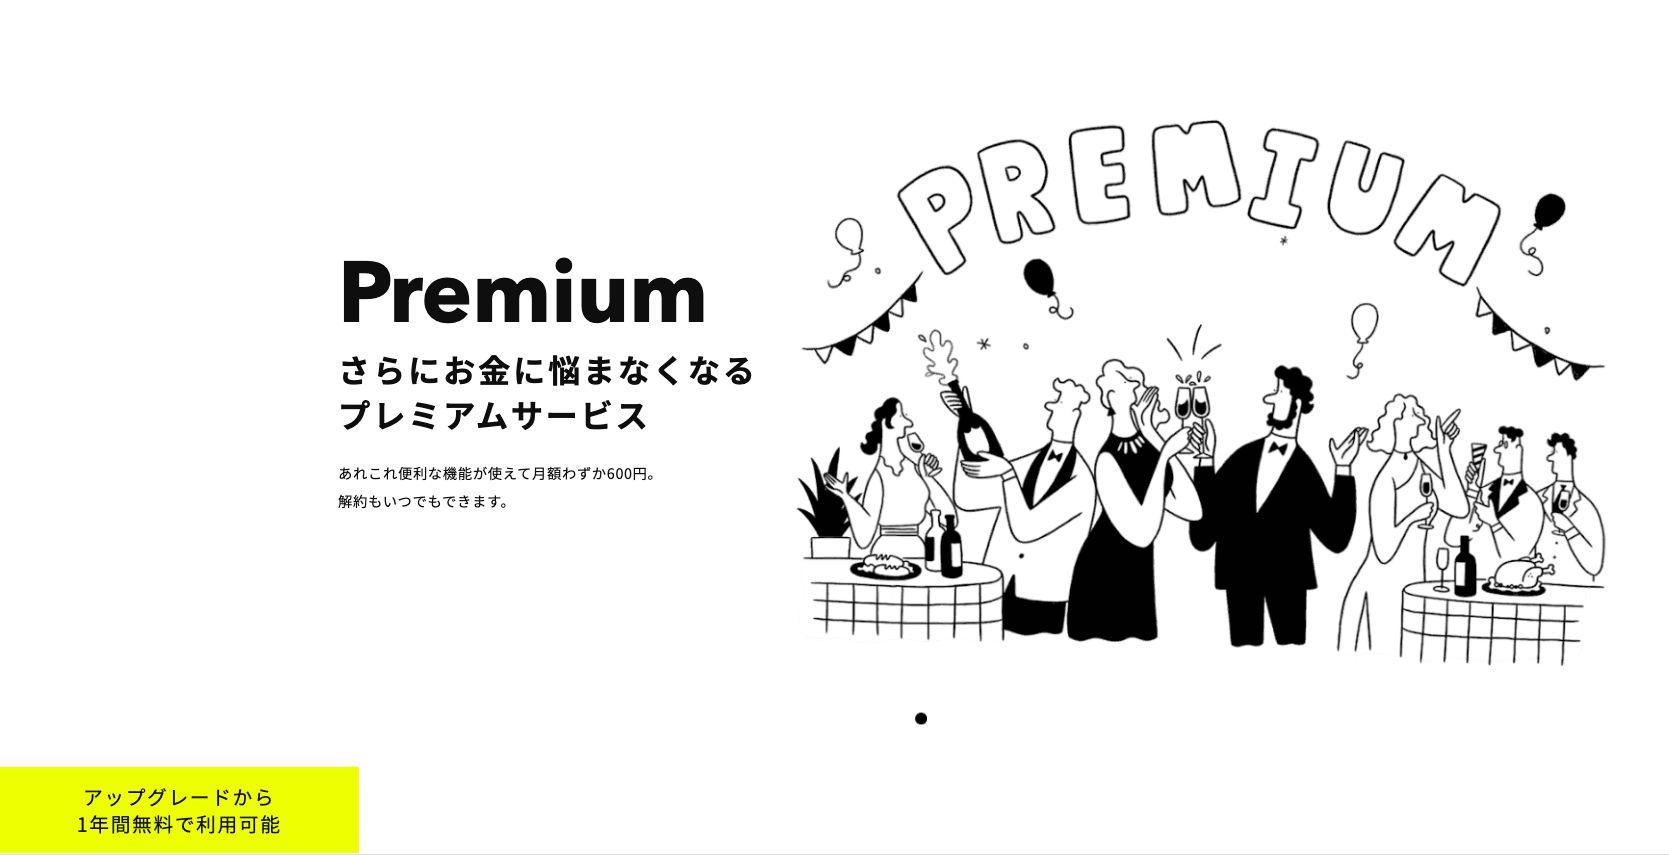 みんなの銀行 Premium